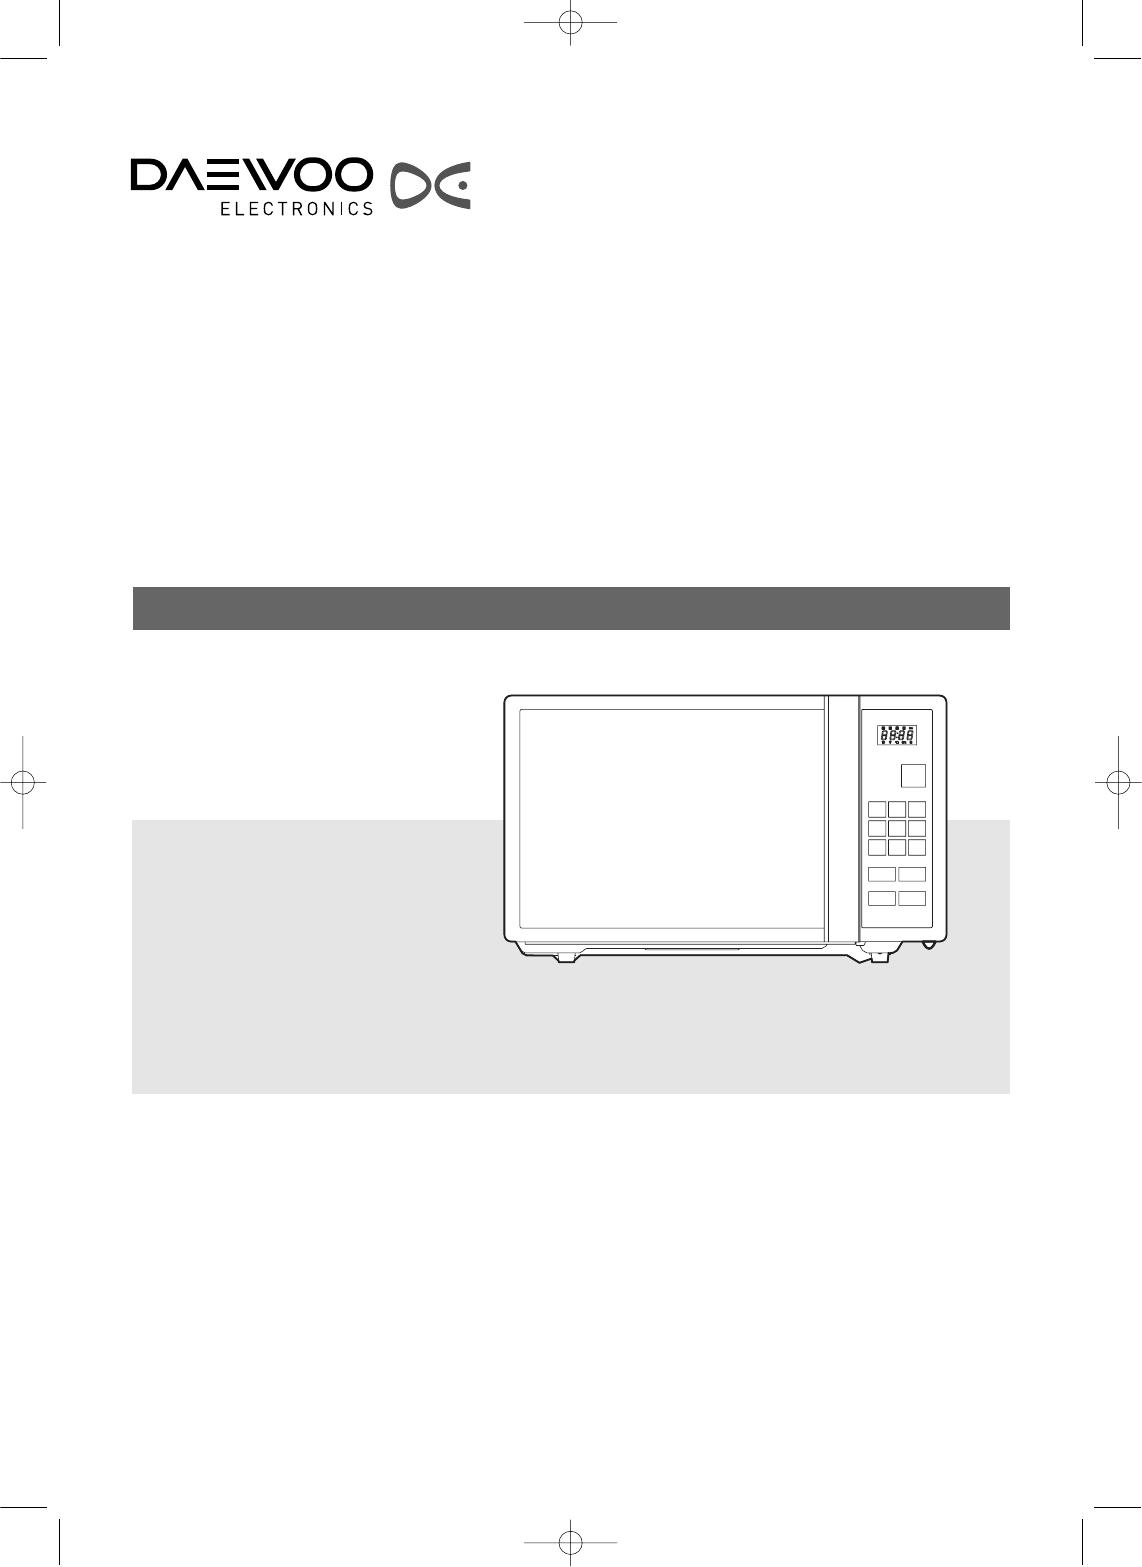 Daewoo KOC9Q1TSL manual